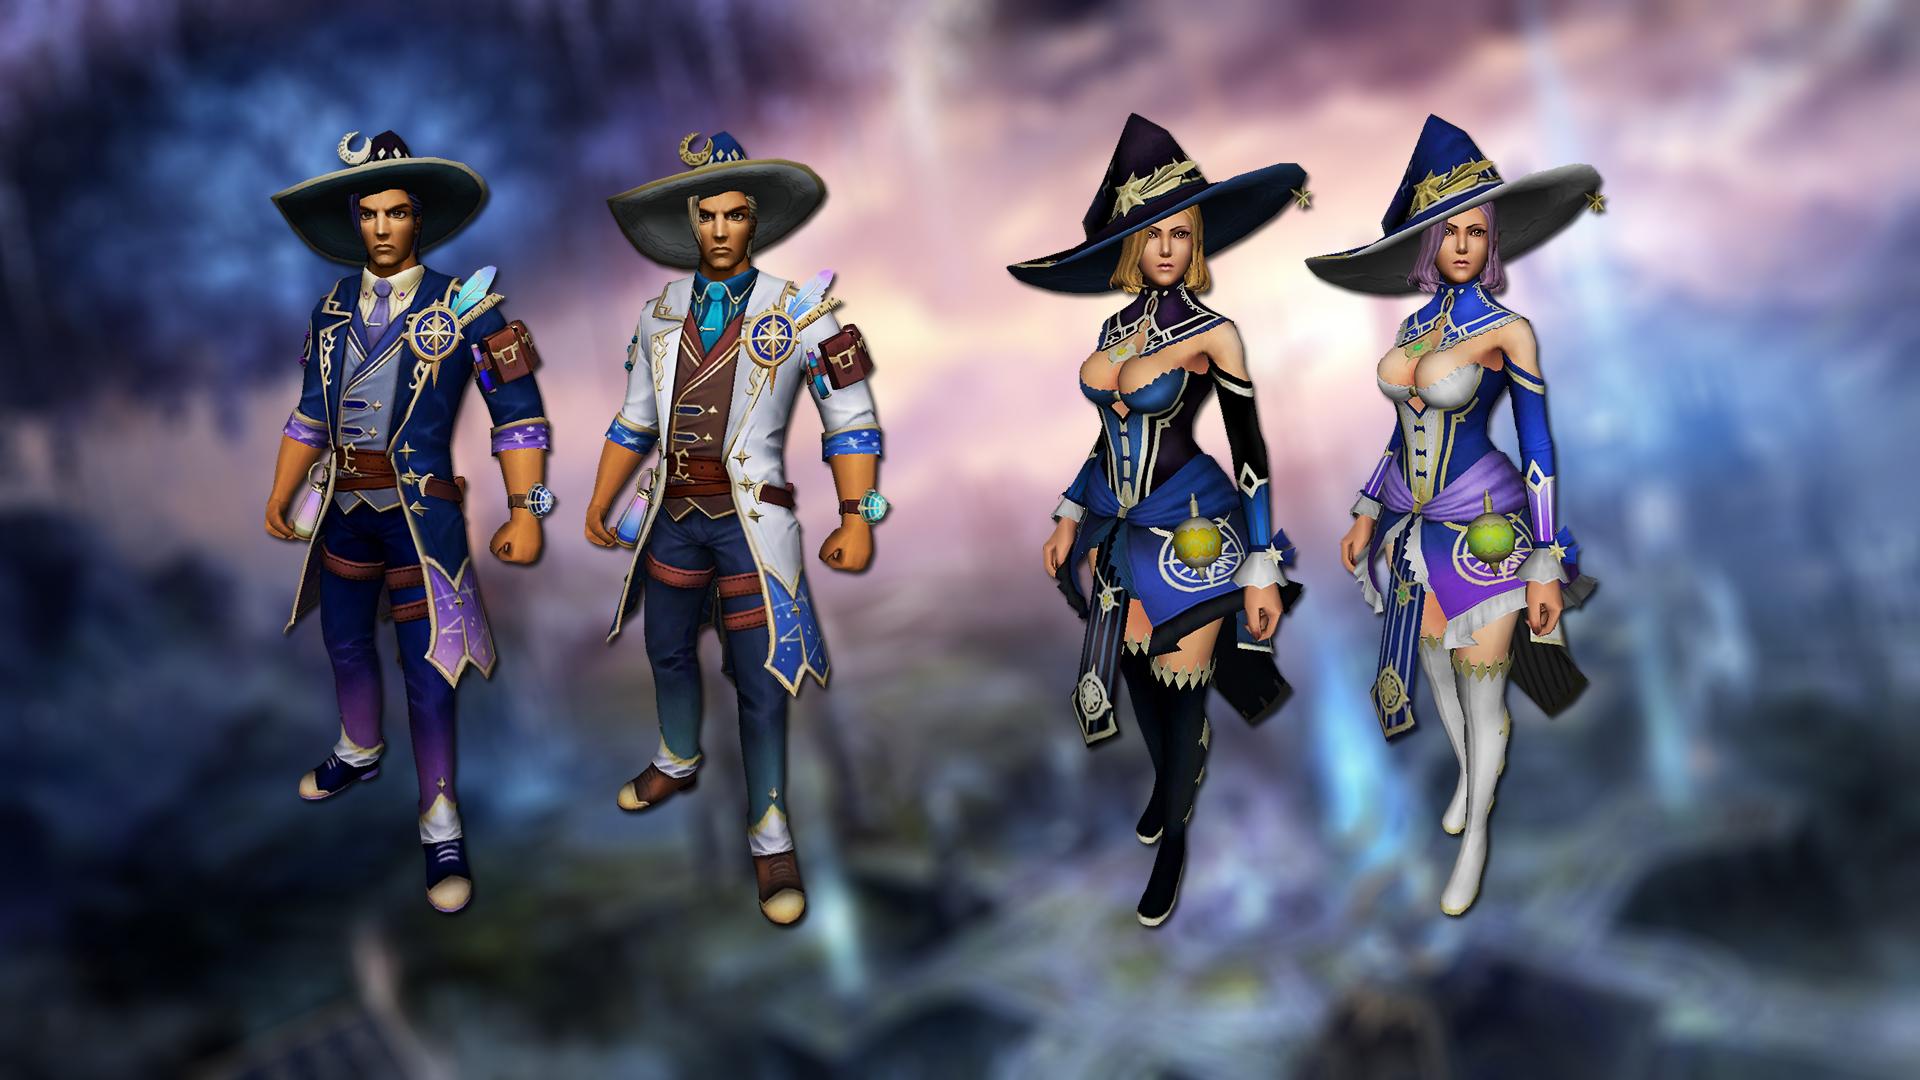 Magic costumes